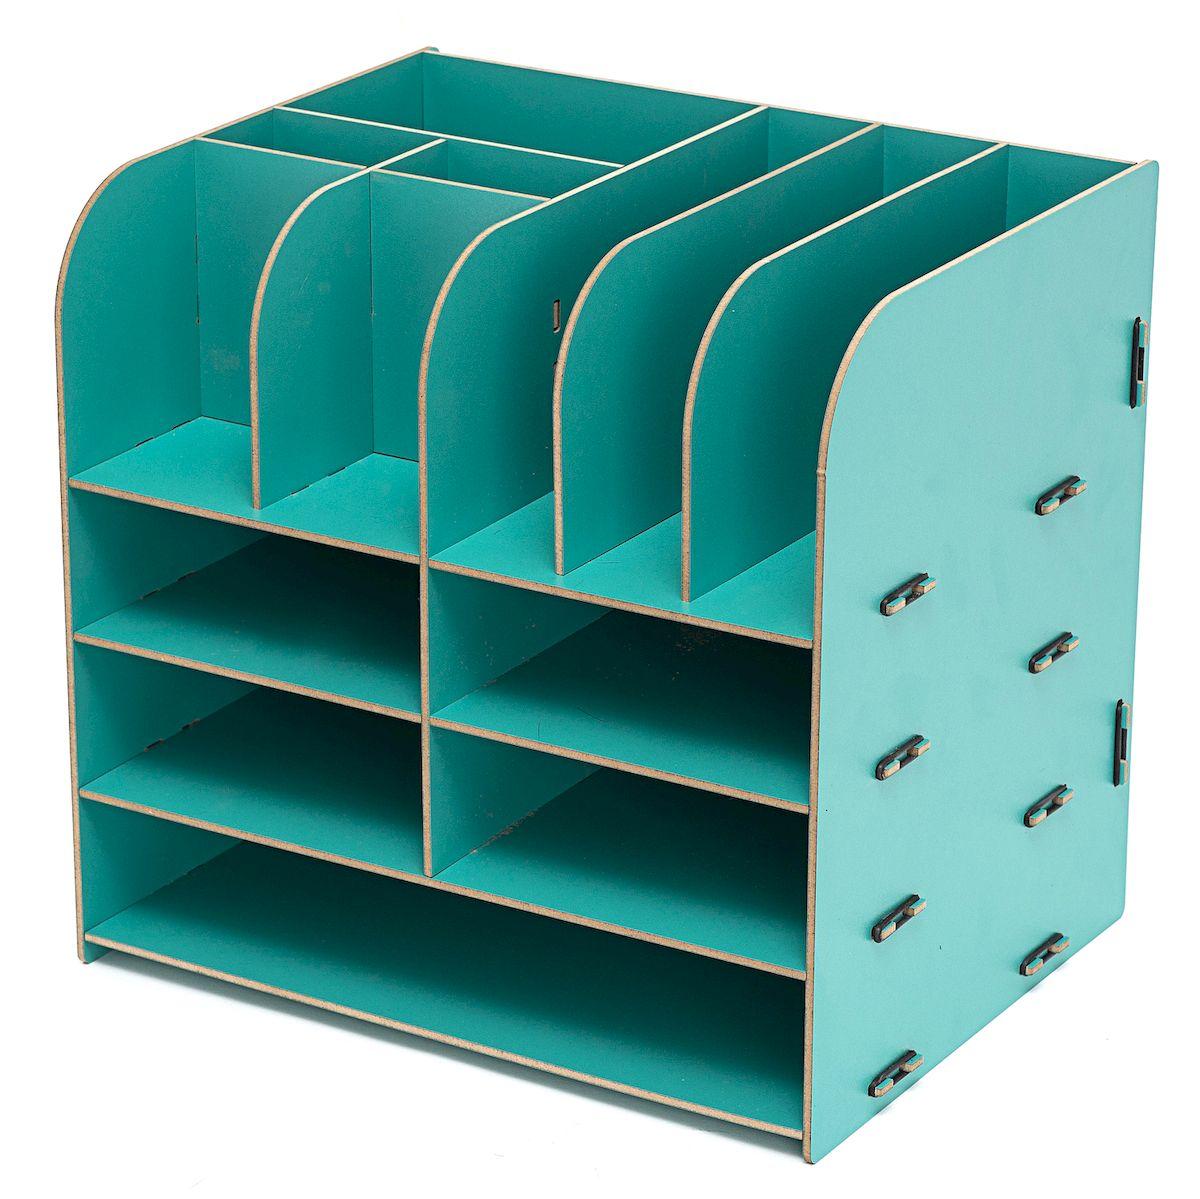 Органайзер настольный Homsu, 13 отделов, цвет: бирюзовый, 32,5 x 25 x 30 смHOM-340Настольный органайзер Homsu выполнен из МДФ и легко собирается из съемных частей. Изделие имеет 13 отделений для хранения документов, канцелярских предметов и всяких мелочей. Органайзер просто незаменим на рабочем столе, он вместителен и не занимает много места. Оригинальный дизайн дополнит интерьер дома и разбавит цвет в скучном сером офисе. Размер: 32,5 х 25 х 30 см.